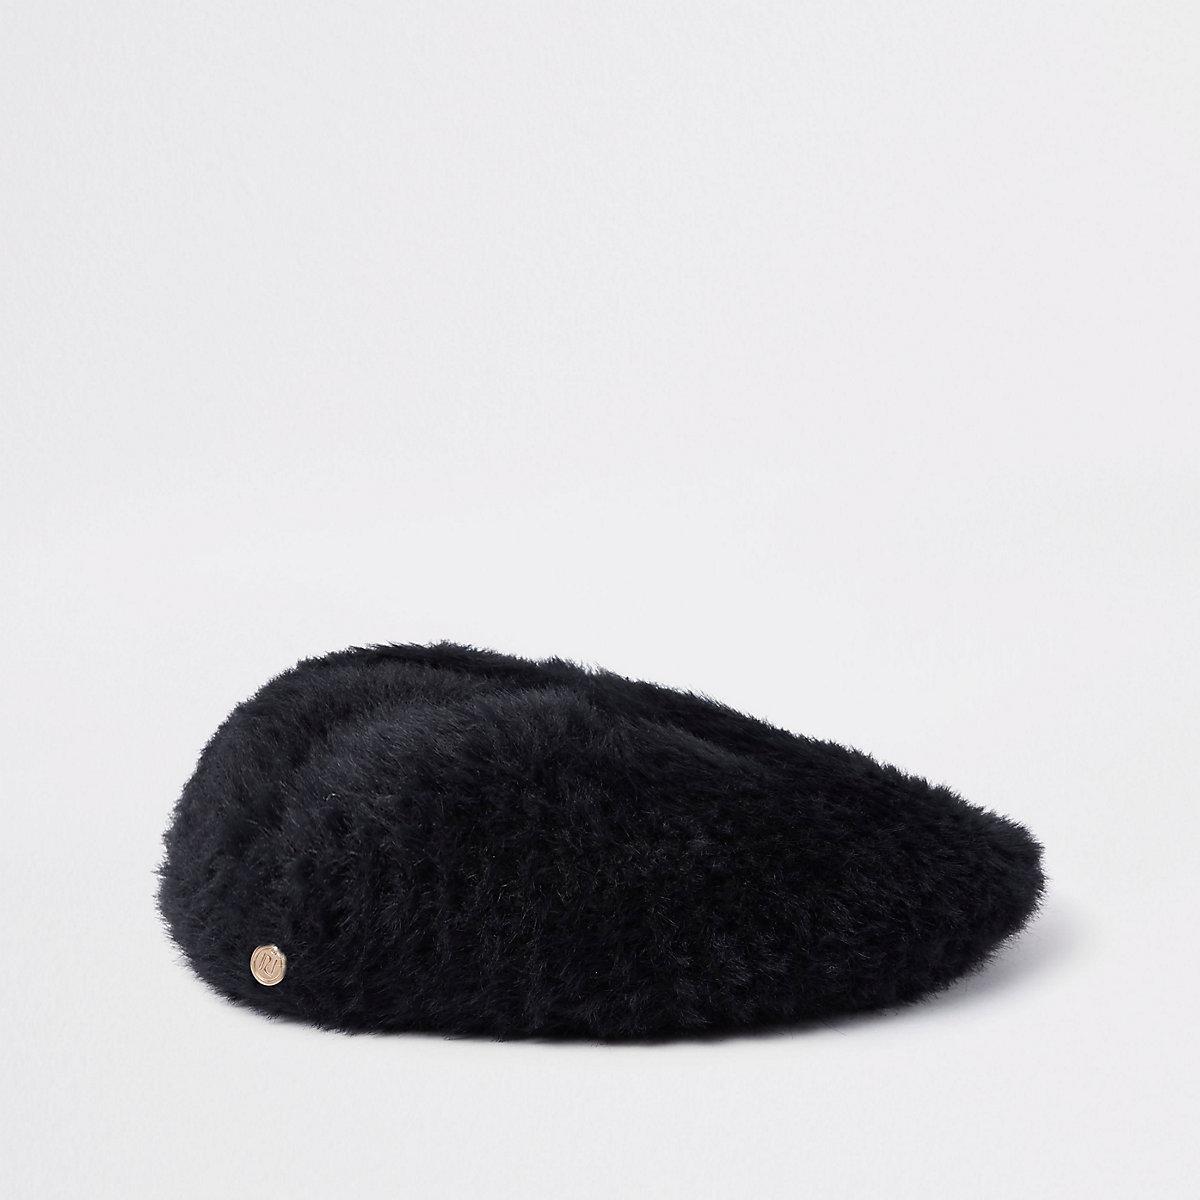 Donzige zwarte baret van imitatiebont